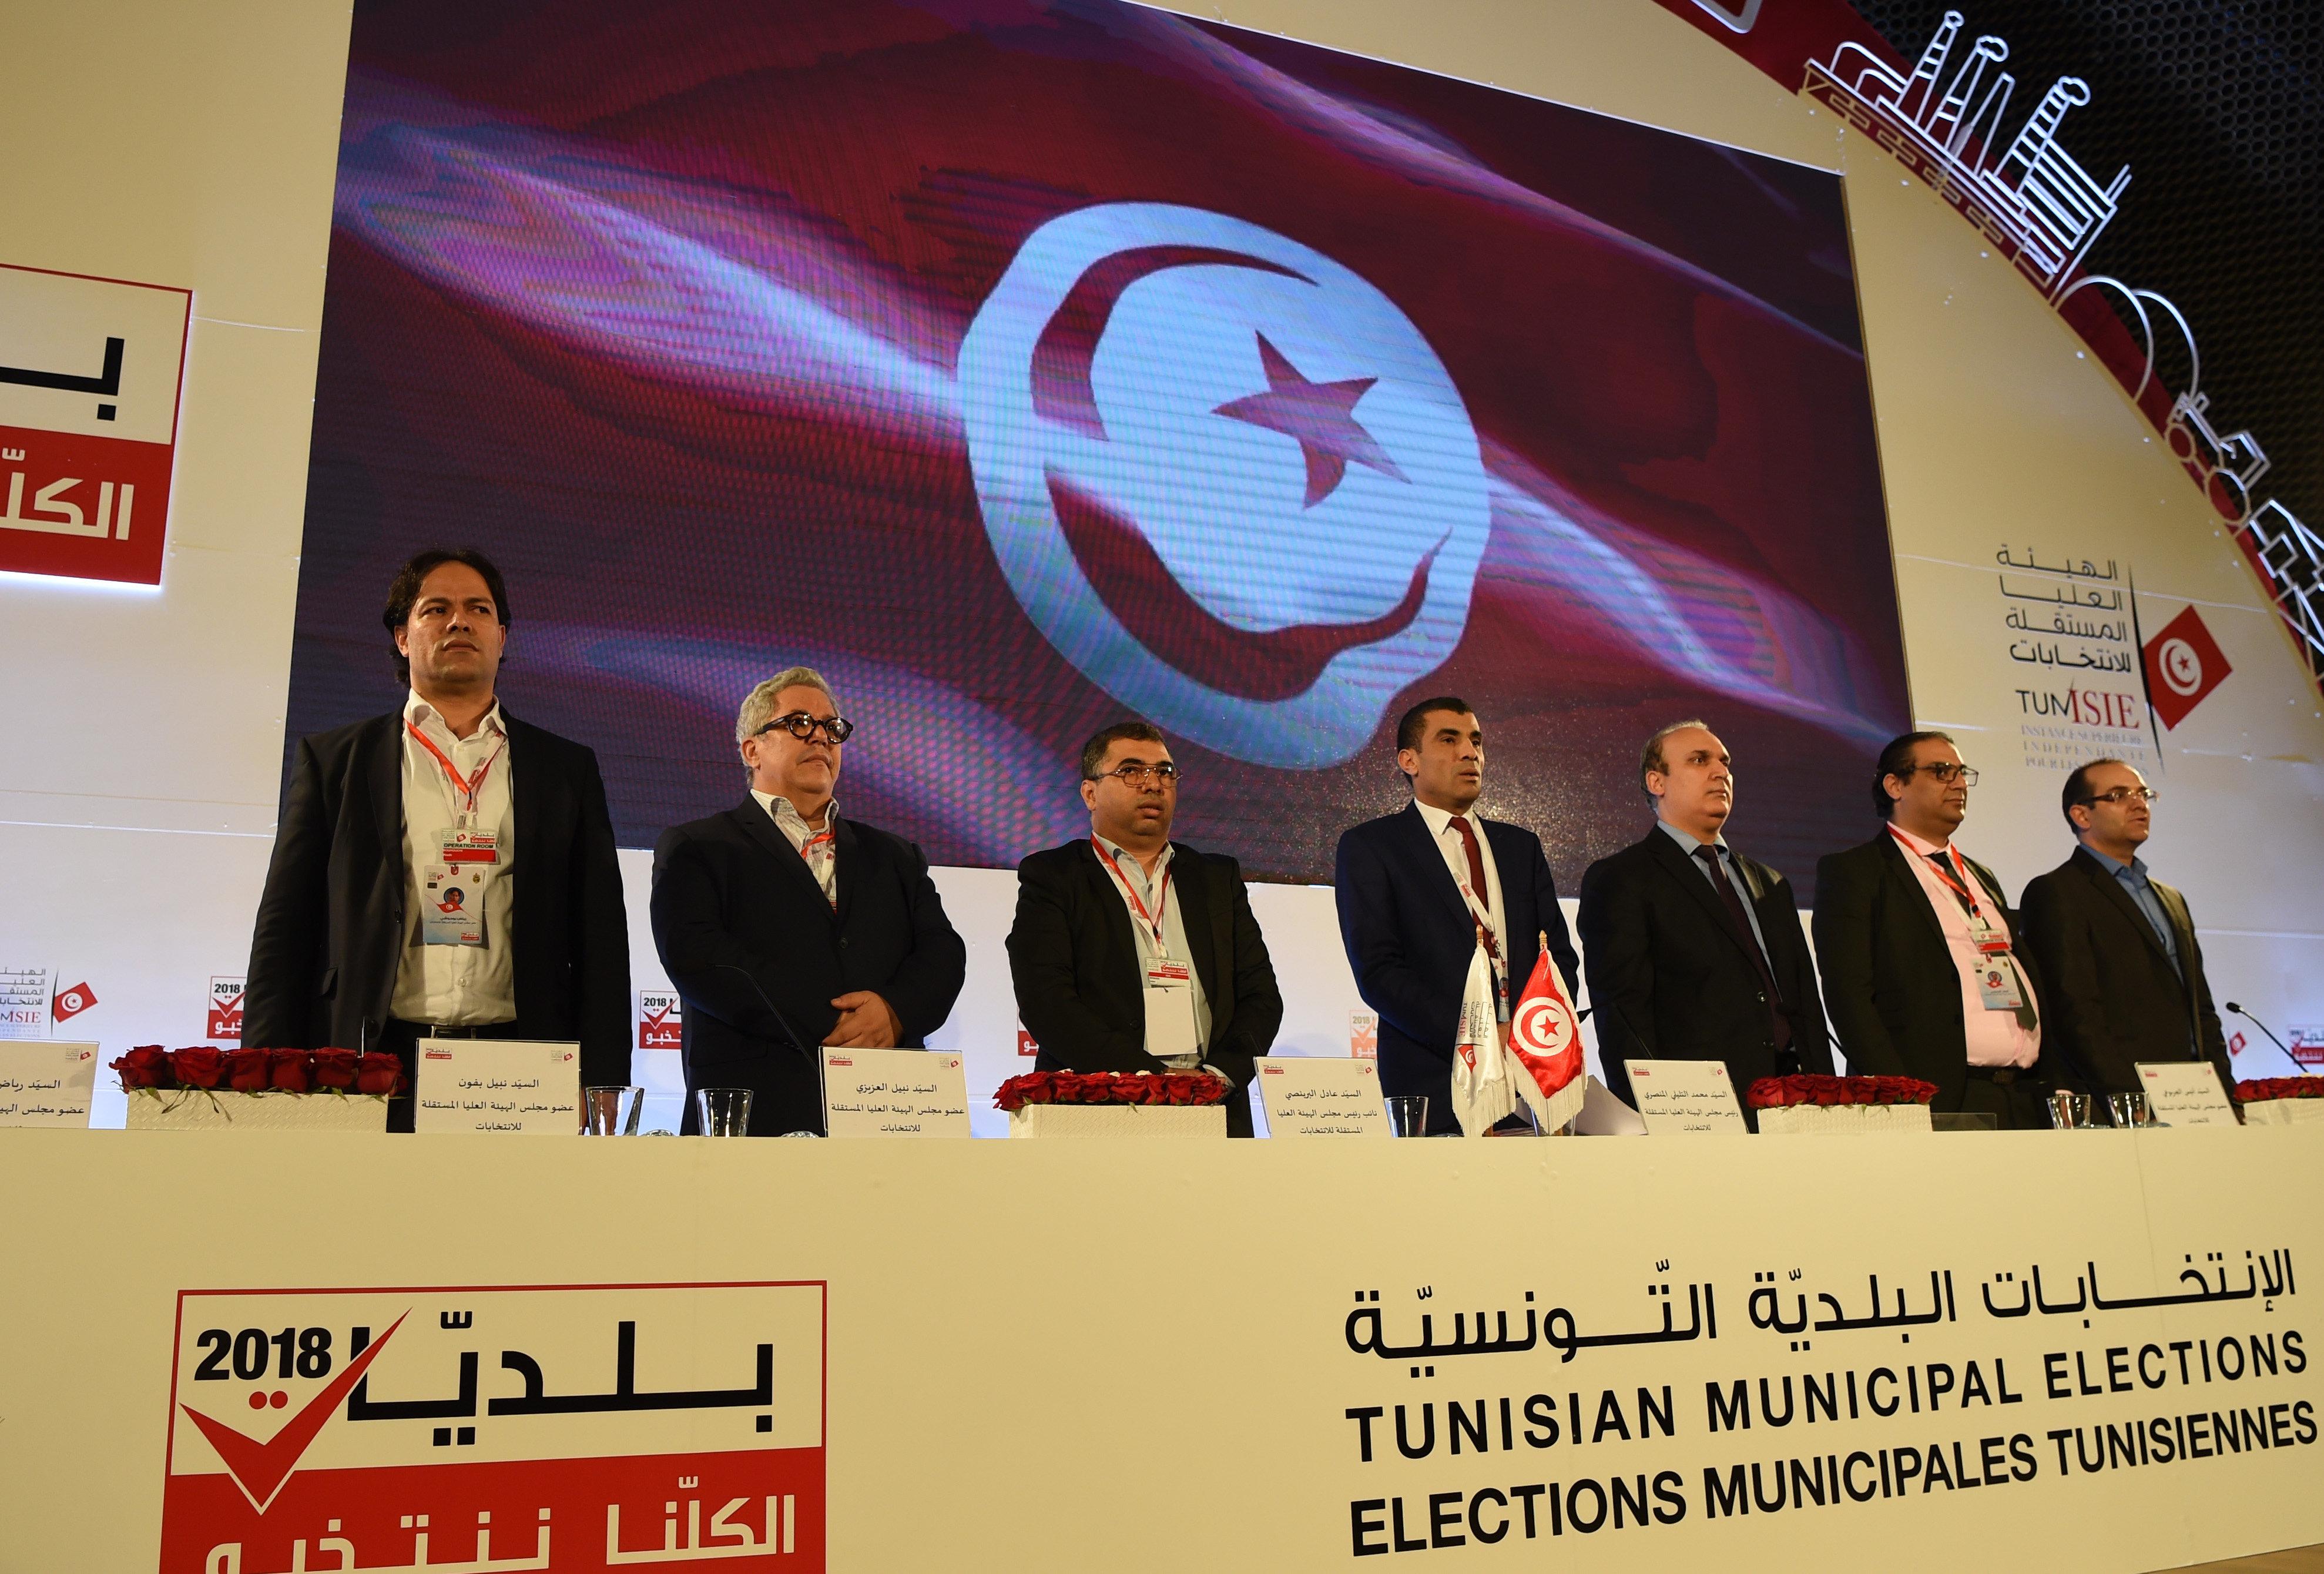 Alors que la Tunisie est à l'aube de nouvelles élections: Des organisations de la société civile appellent